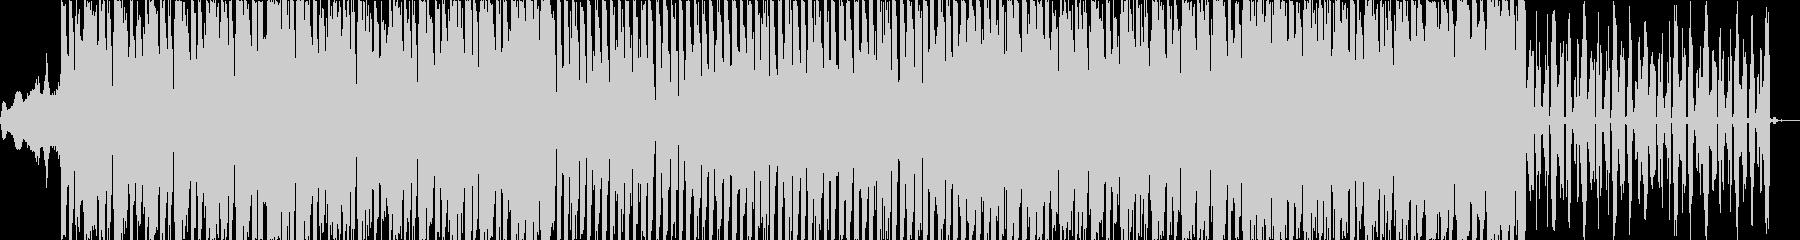 エクササイズにぴったりのシンプルEDMの未再生の波形